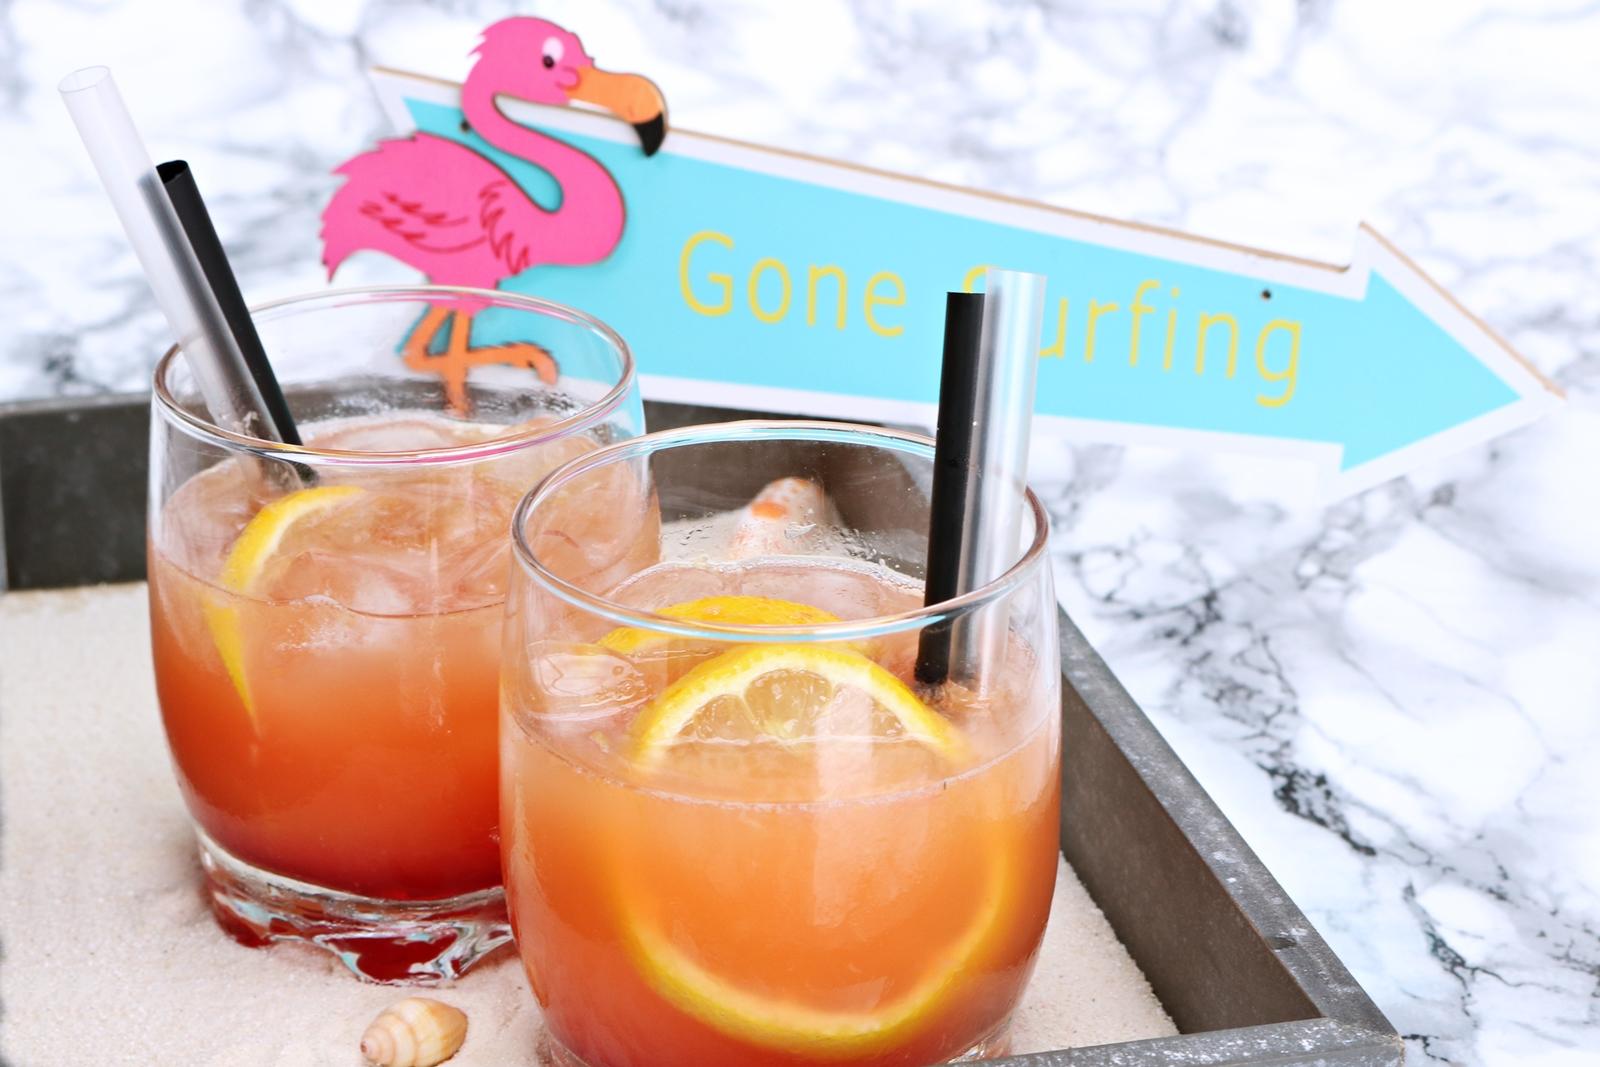 Flamingo Cocktail alkoholfrei - erfrischender exotischer Cocktail auch für Kinder geeignet - Rezept - Fashionladyloves by Tamara Wagner - Foodblog